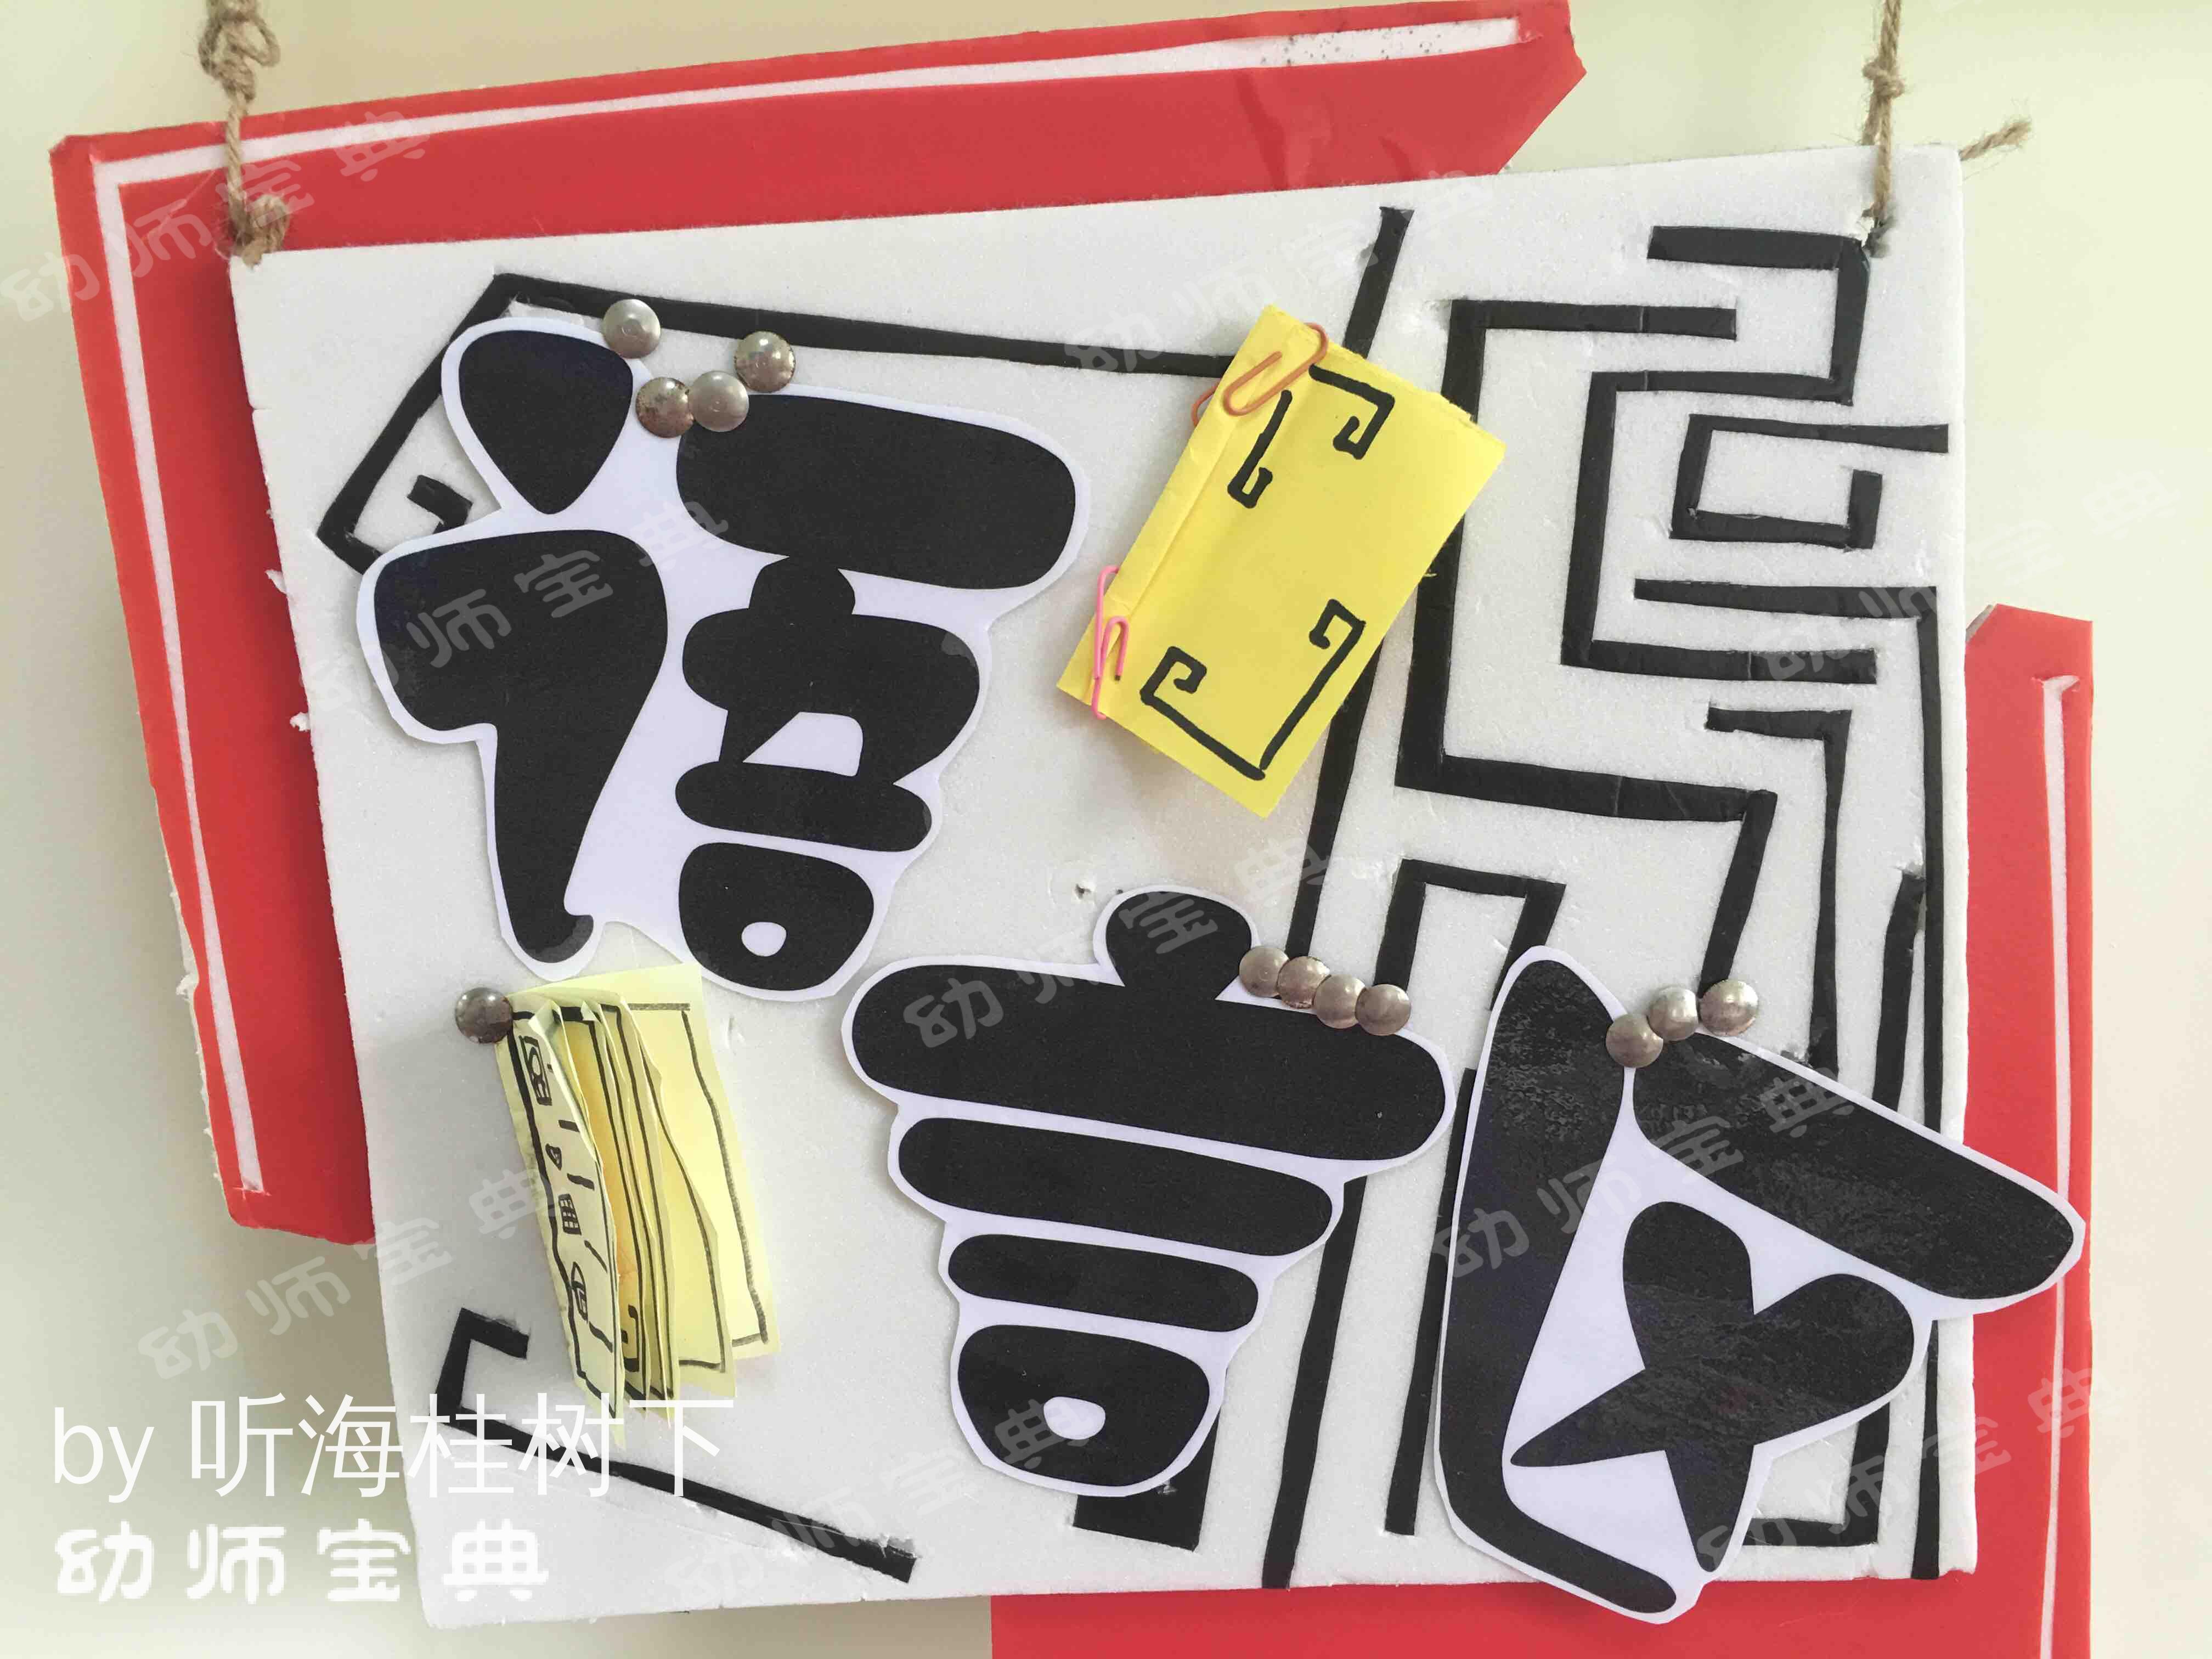 区域牌 | 只有大纸板,你能做出什么样的区域牌?